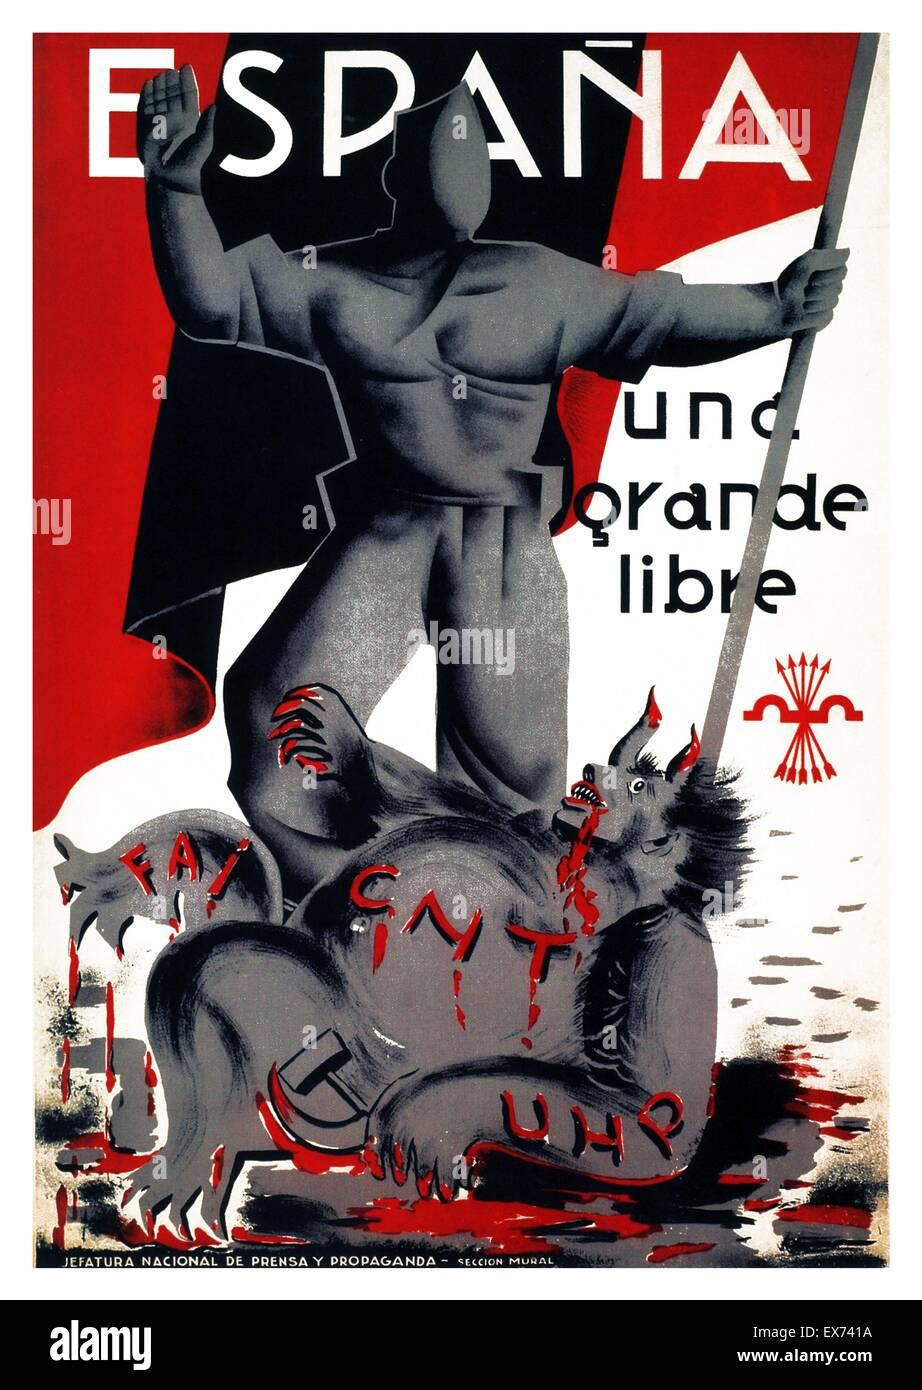 Espana una grande libre. Service de propagande nationaliste, affiche, guerre civile espagnole. Una, Grande y Libre Photo Stock